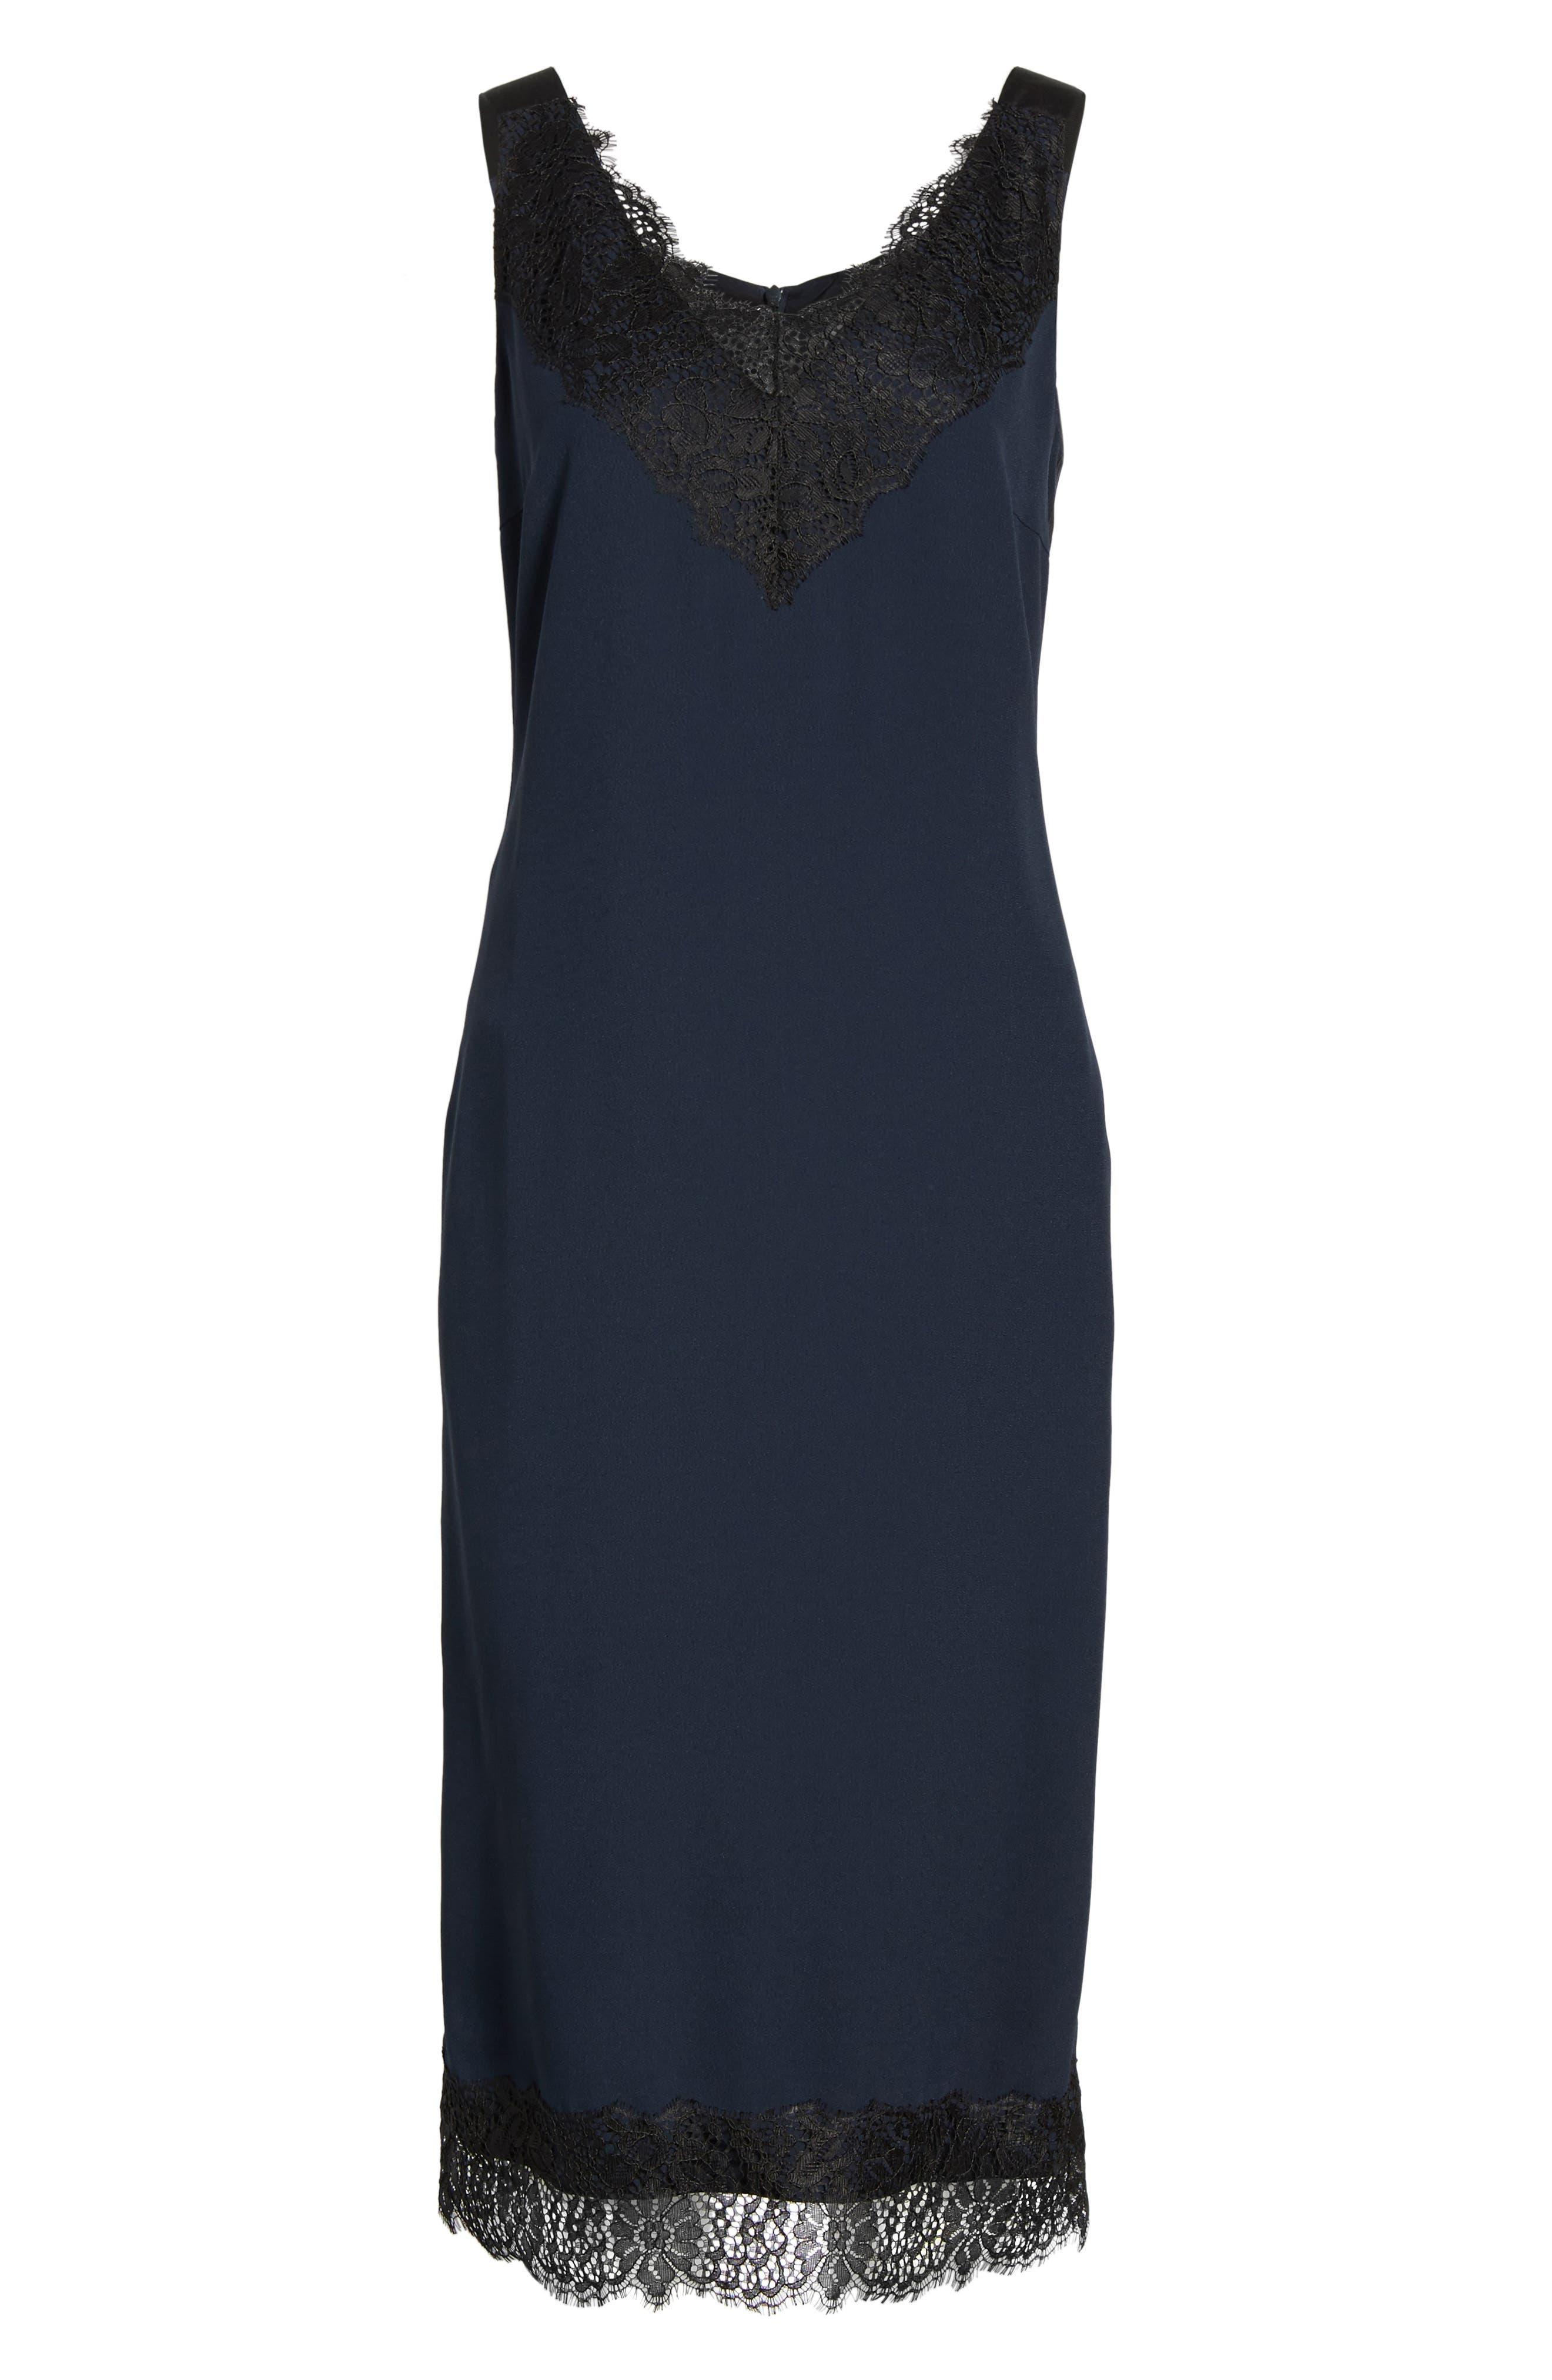 Haminka Lace Trim Shift Dress,                             Alternate thumbnail 6, color,                             480